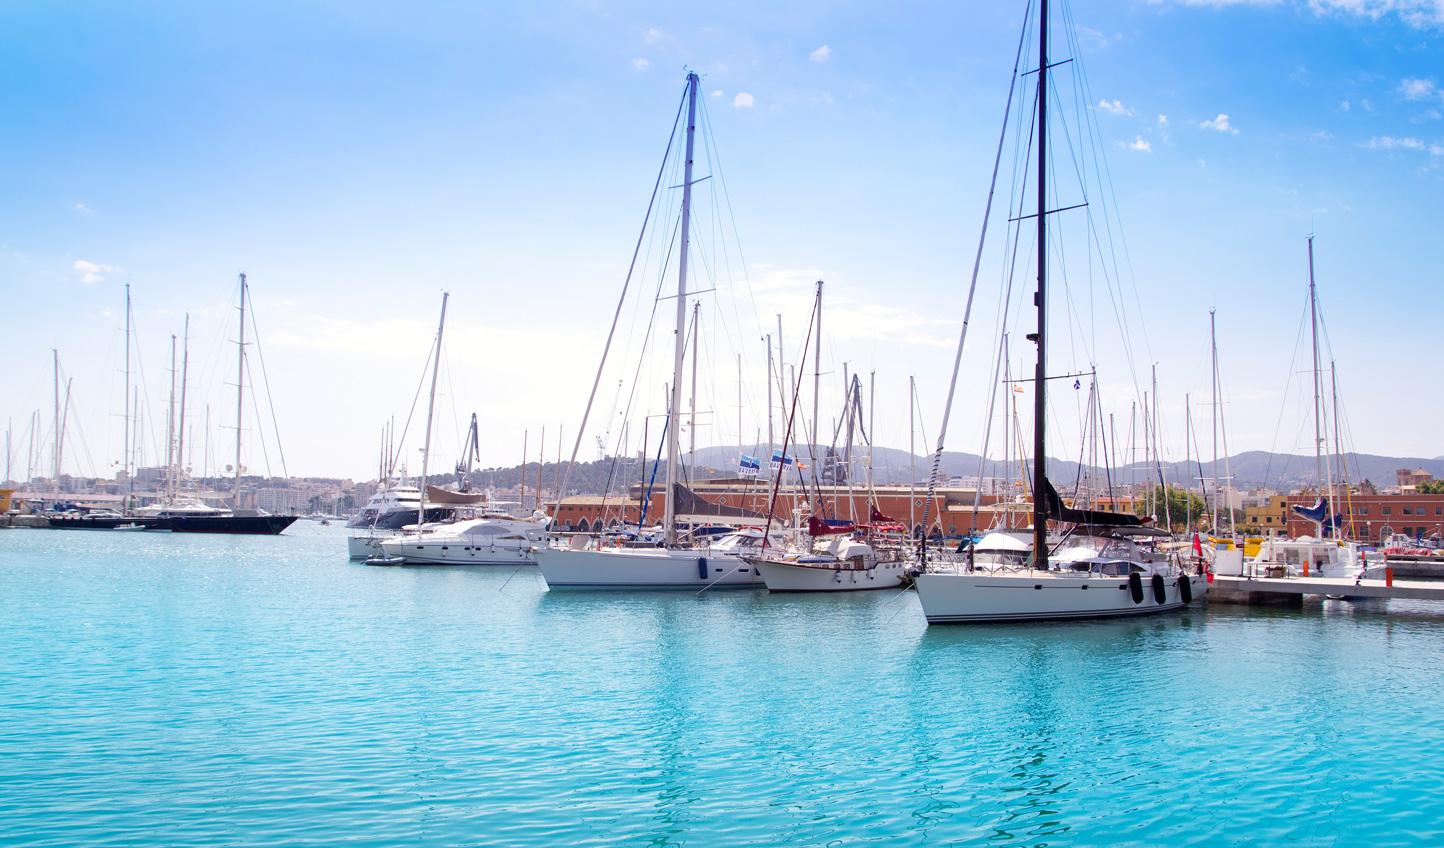 Marina-in-Palma